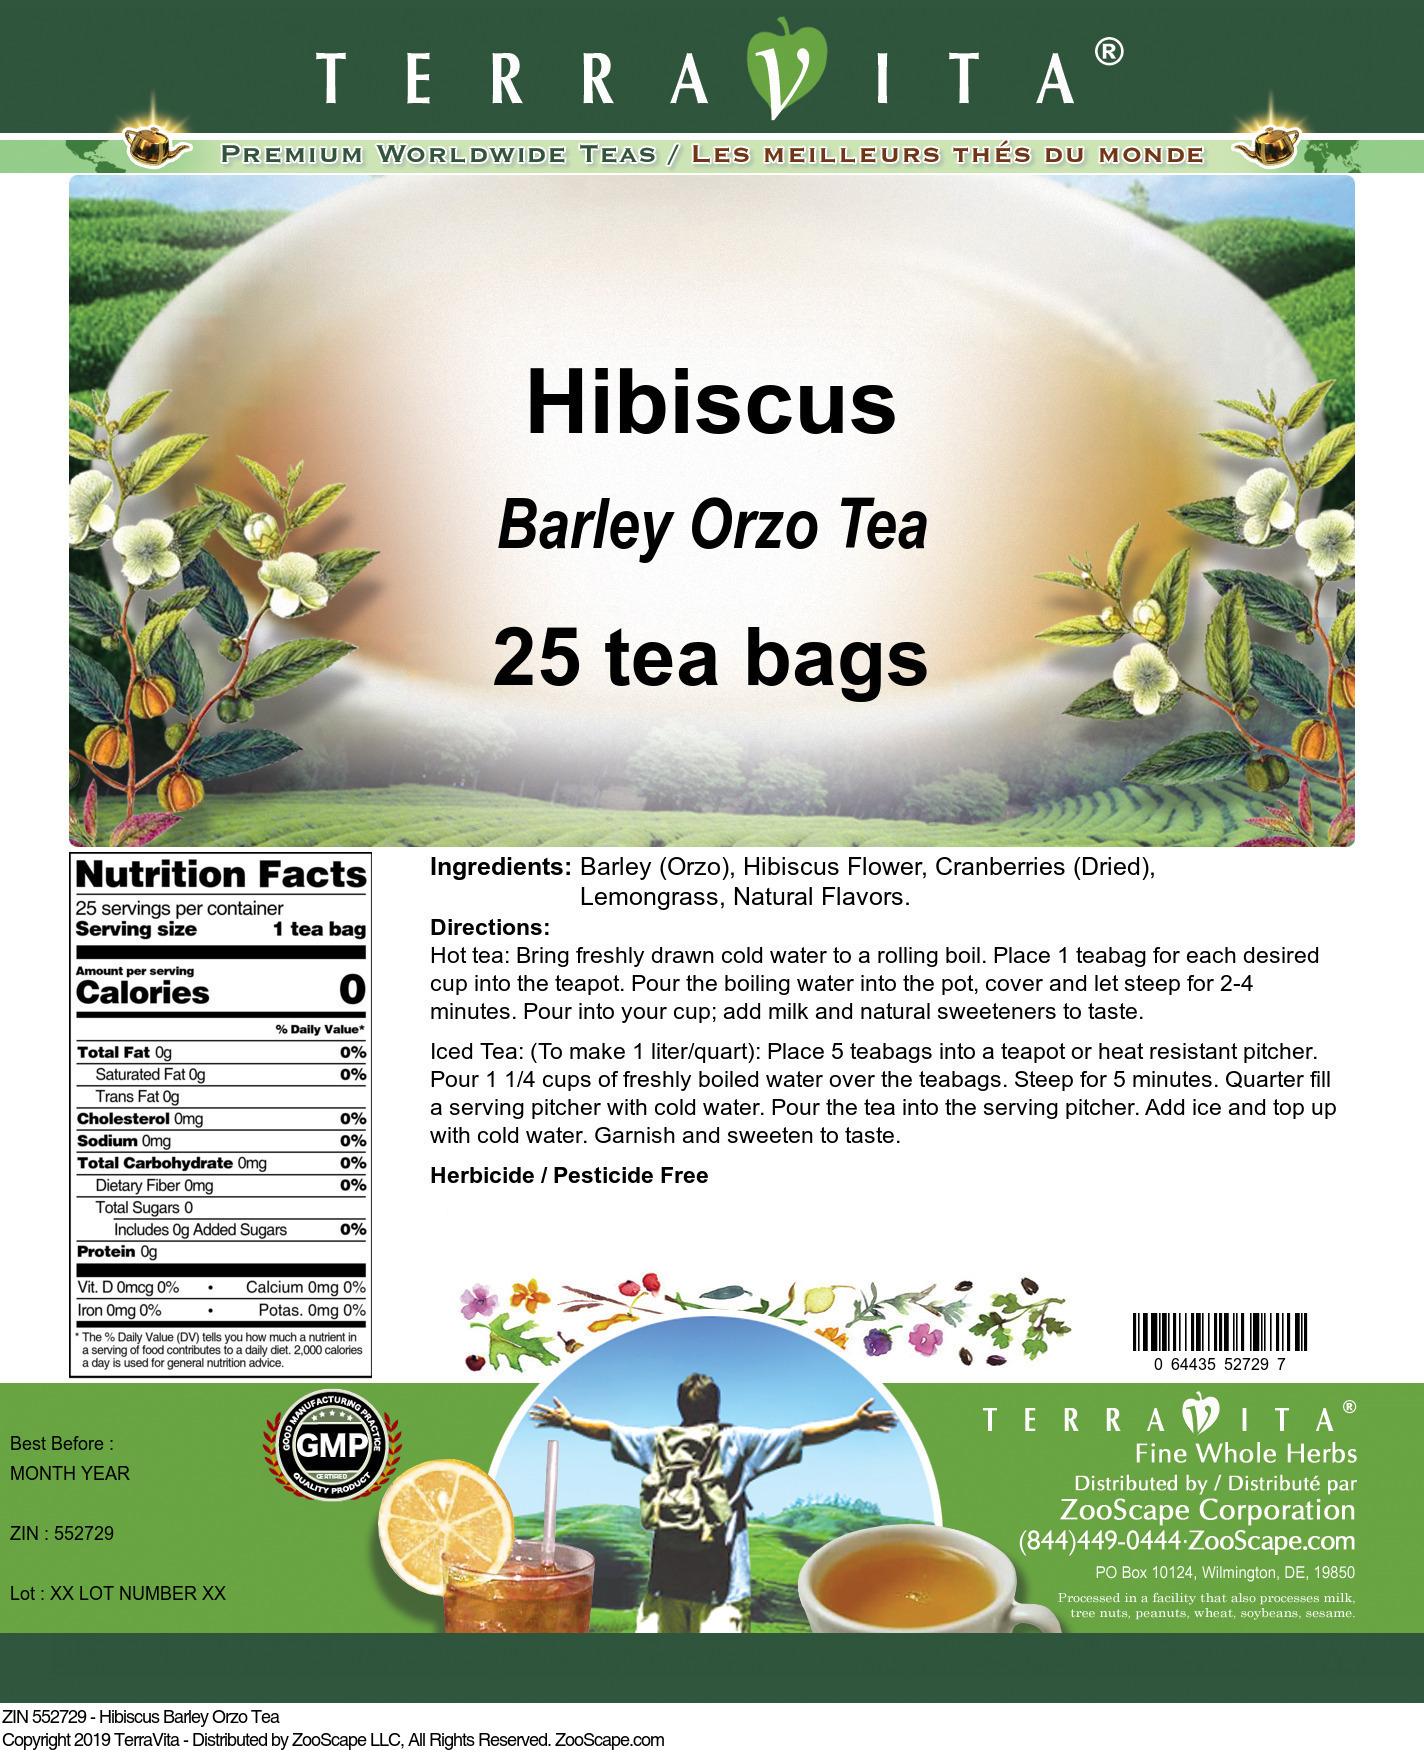 Hibiscus Barley Orzo